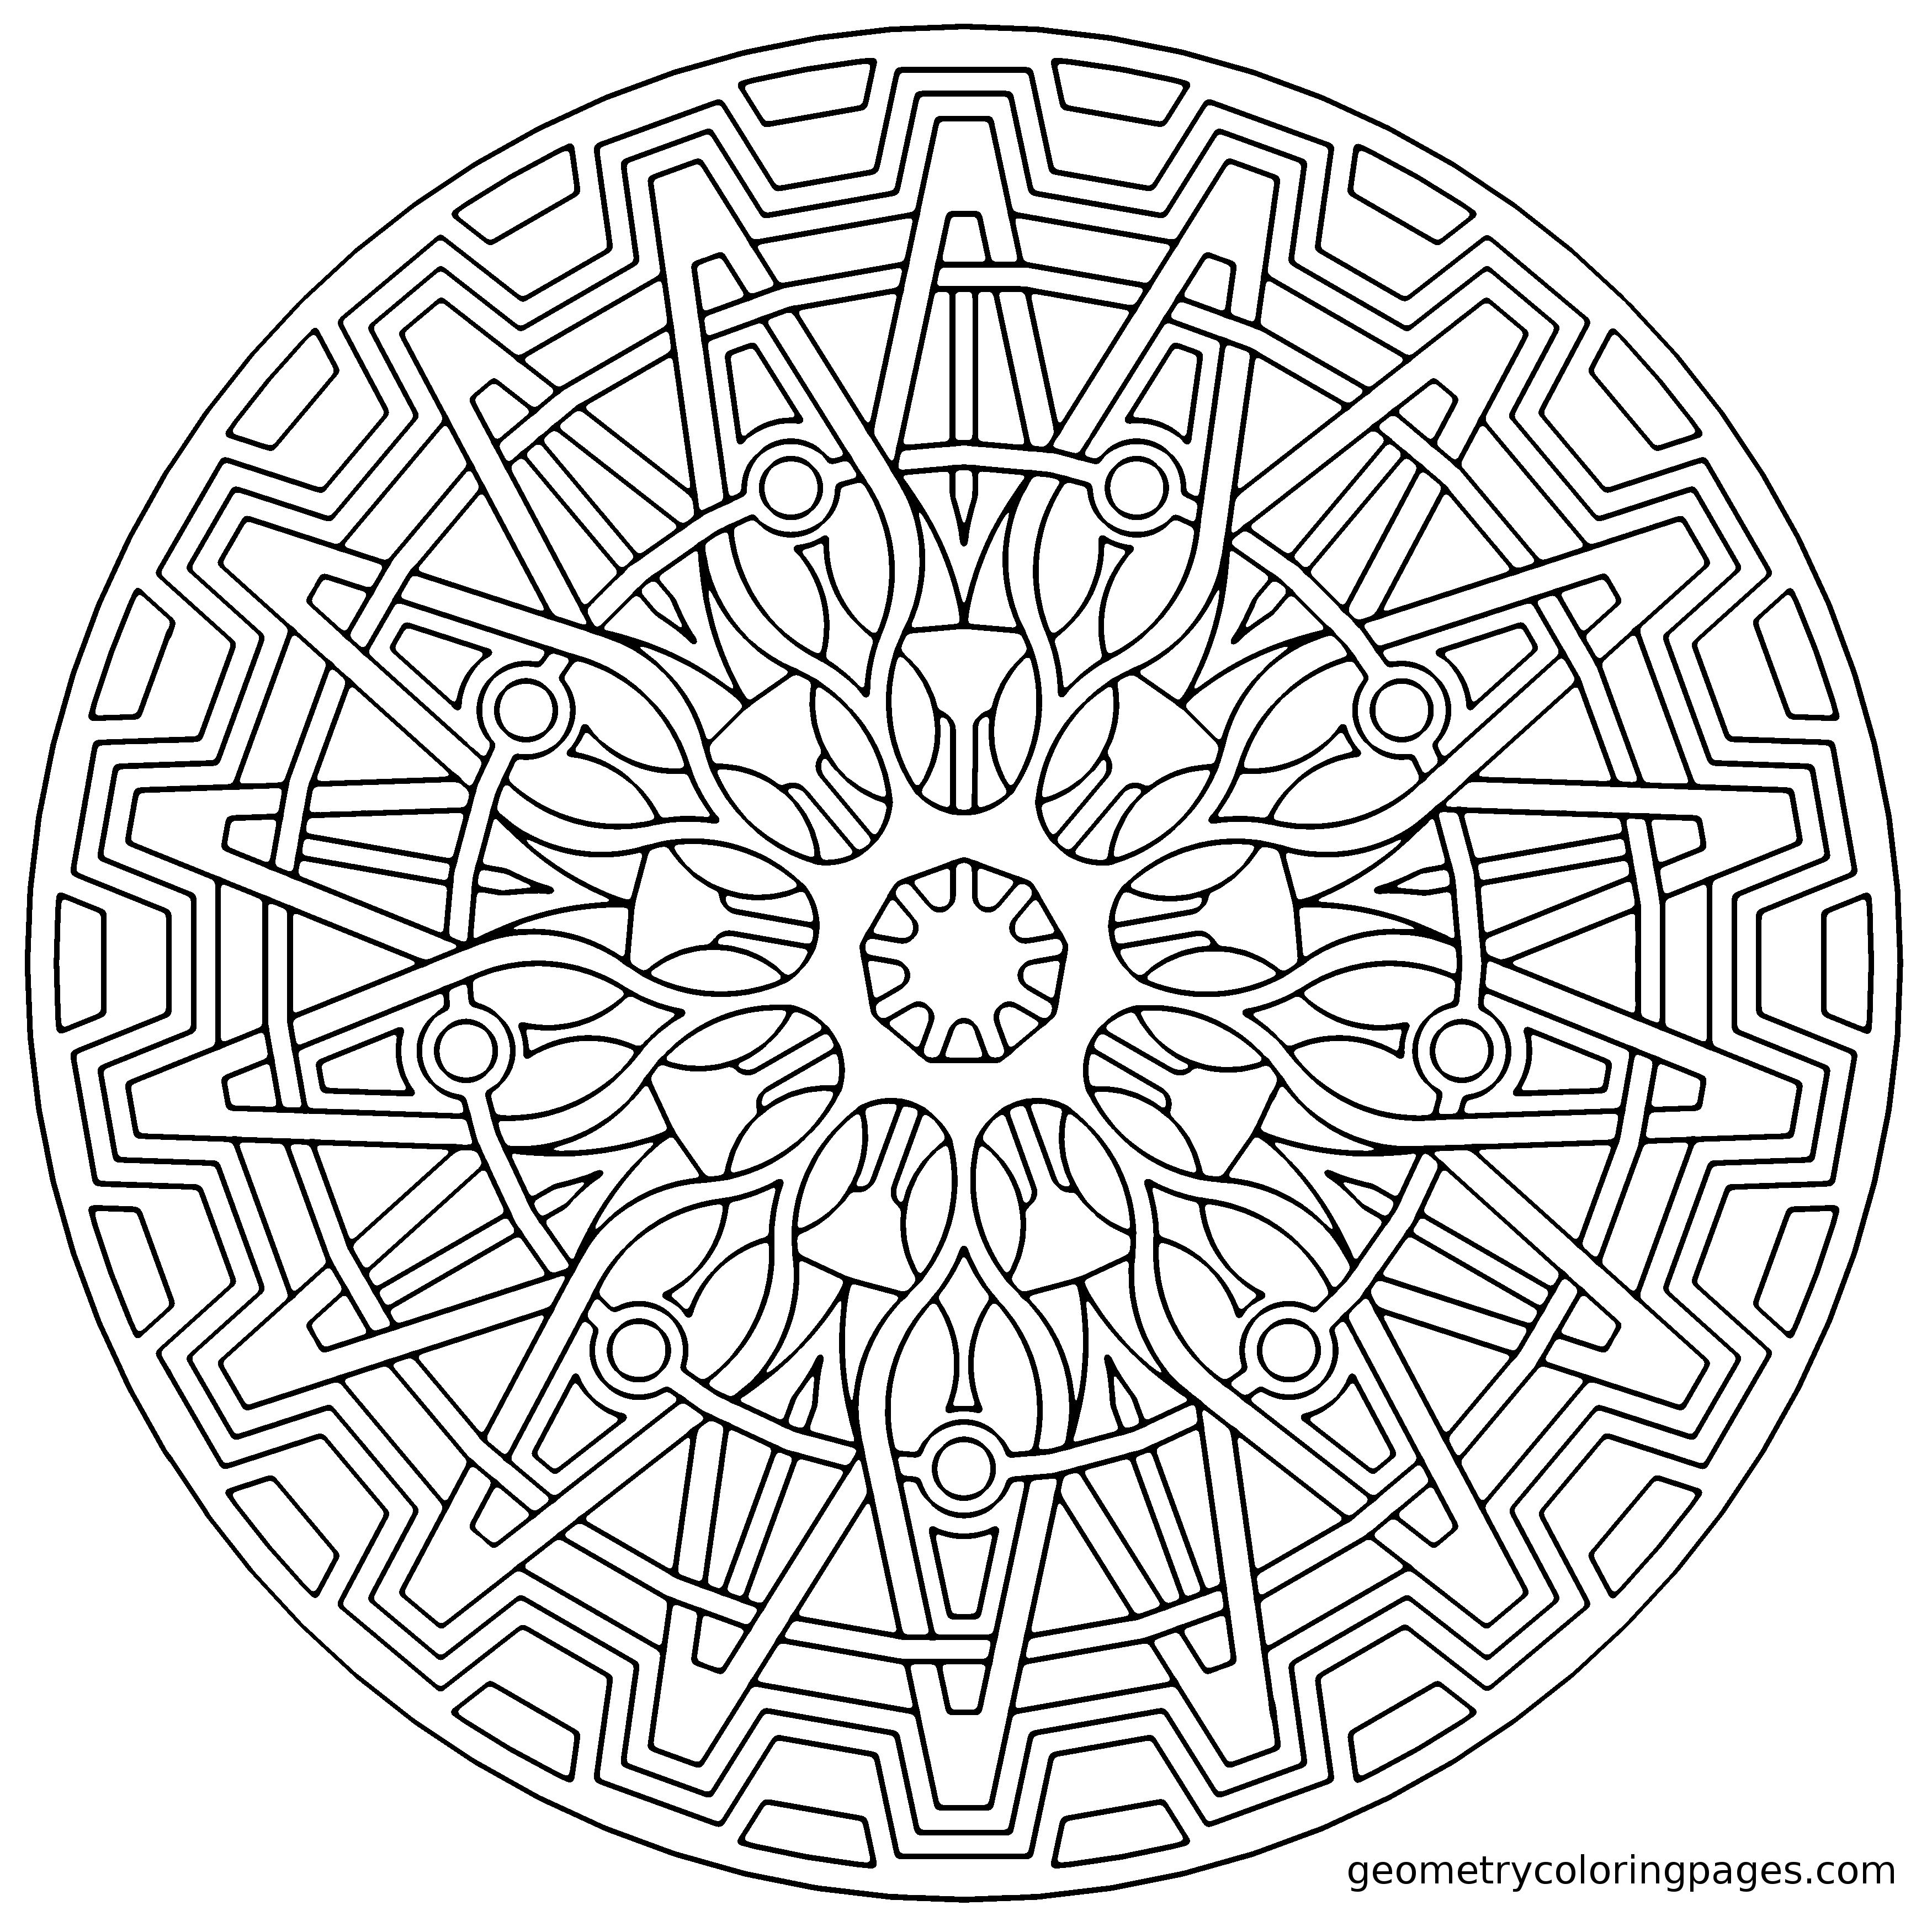 Origin Cog | Geometric Coloring Pages, Mandala Coloring